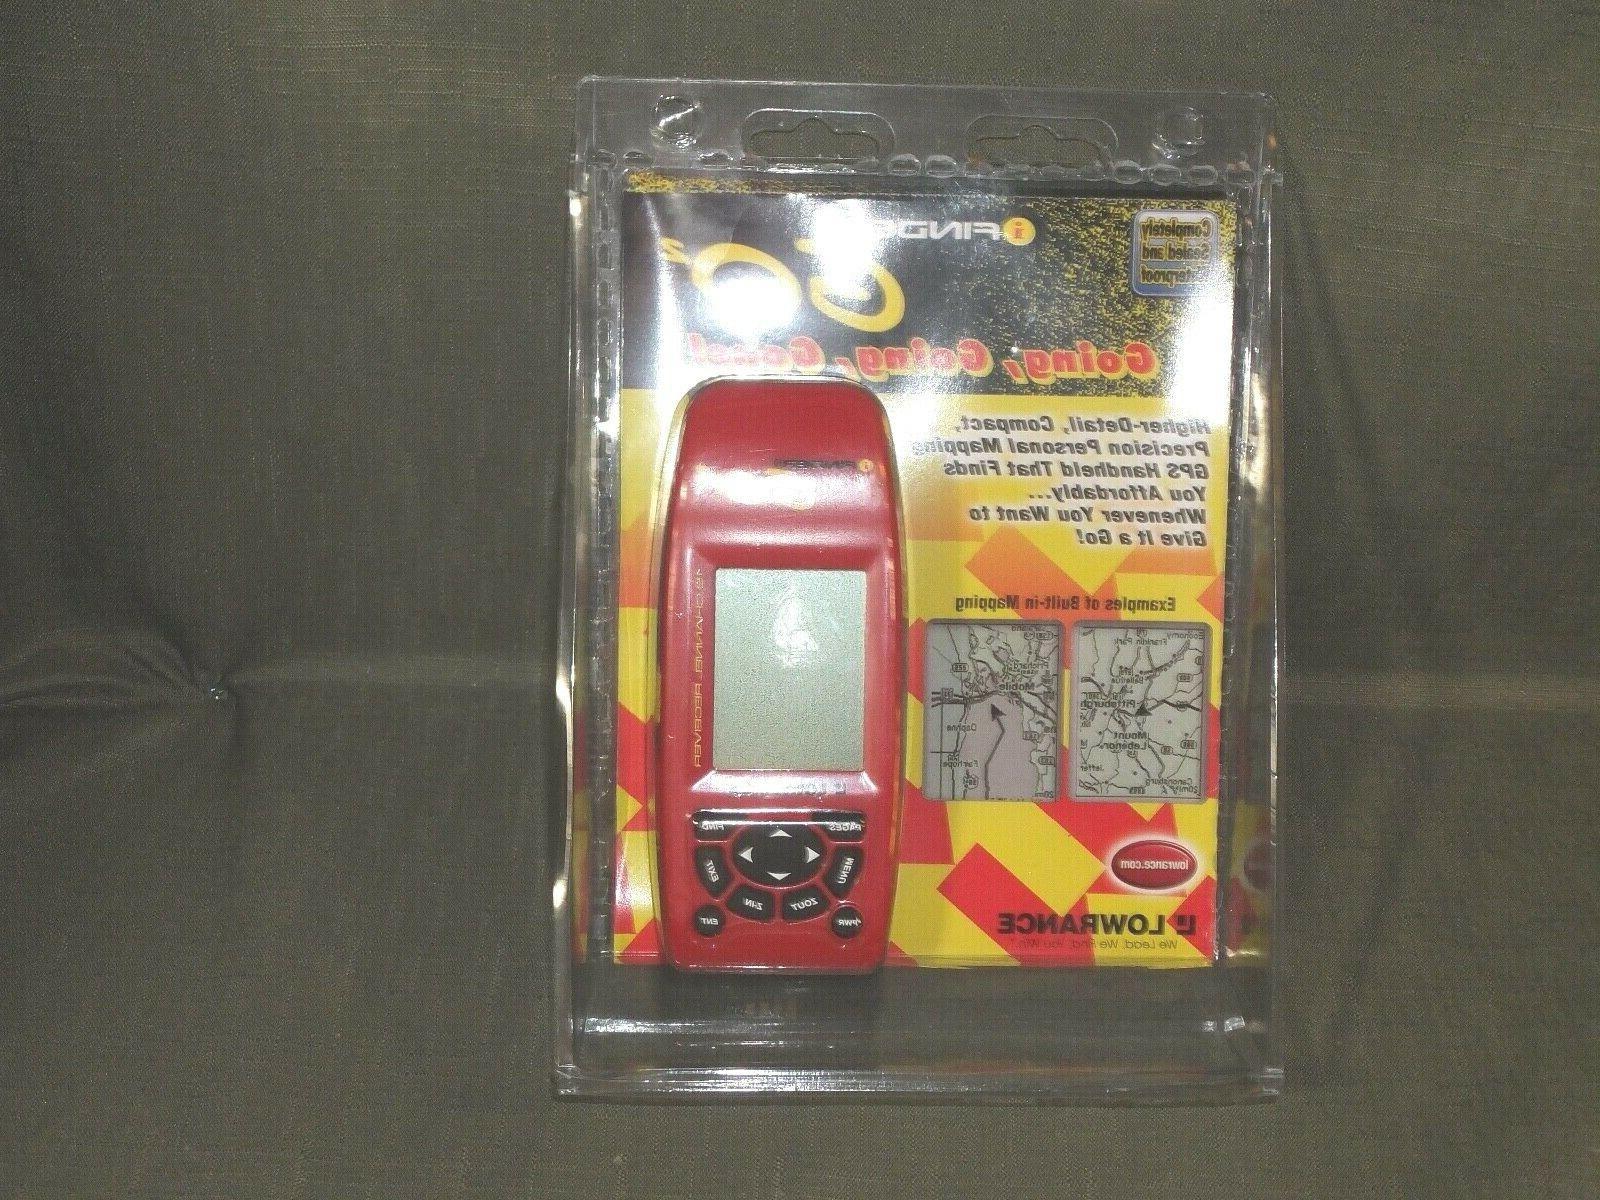 go2 i finder handheld gps portable tracker